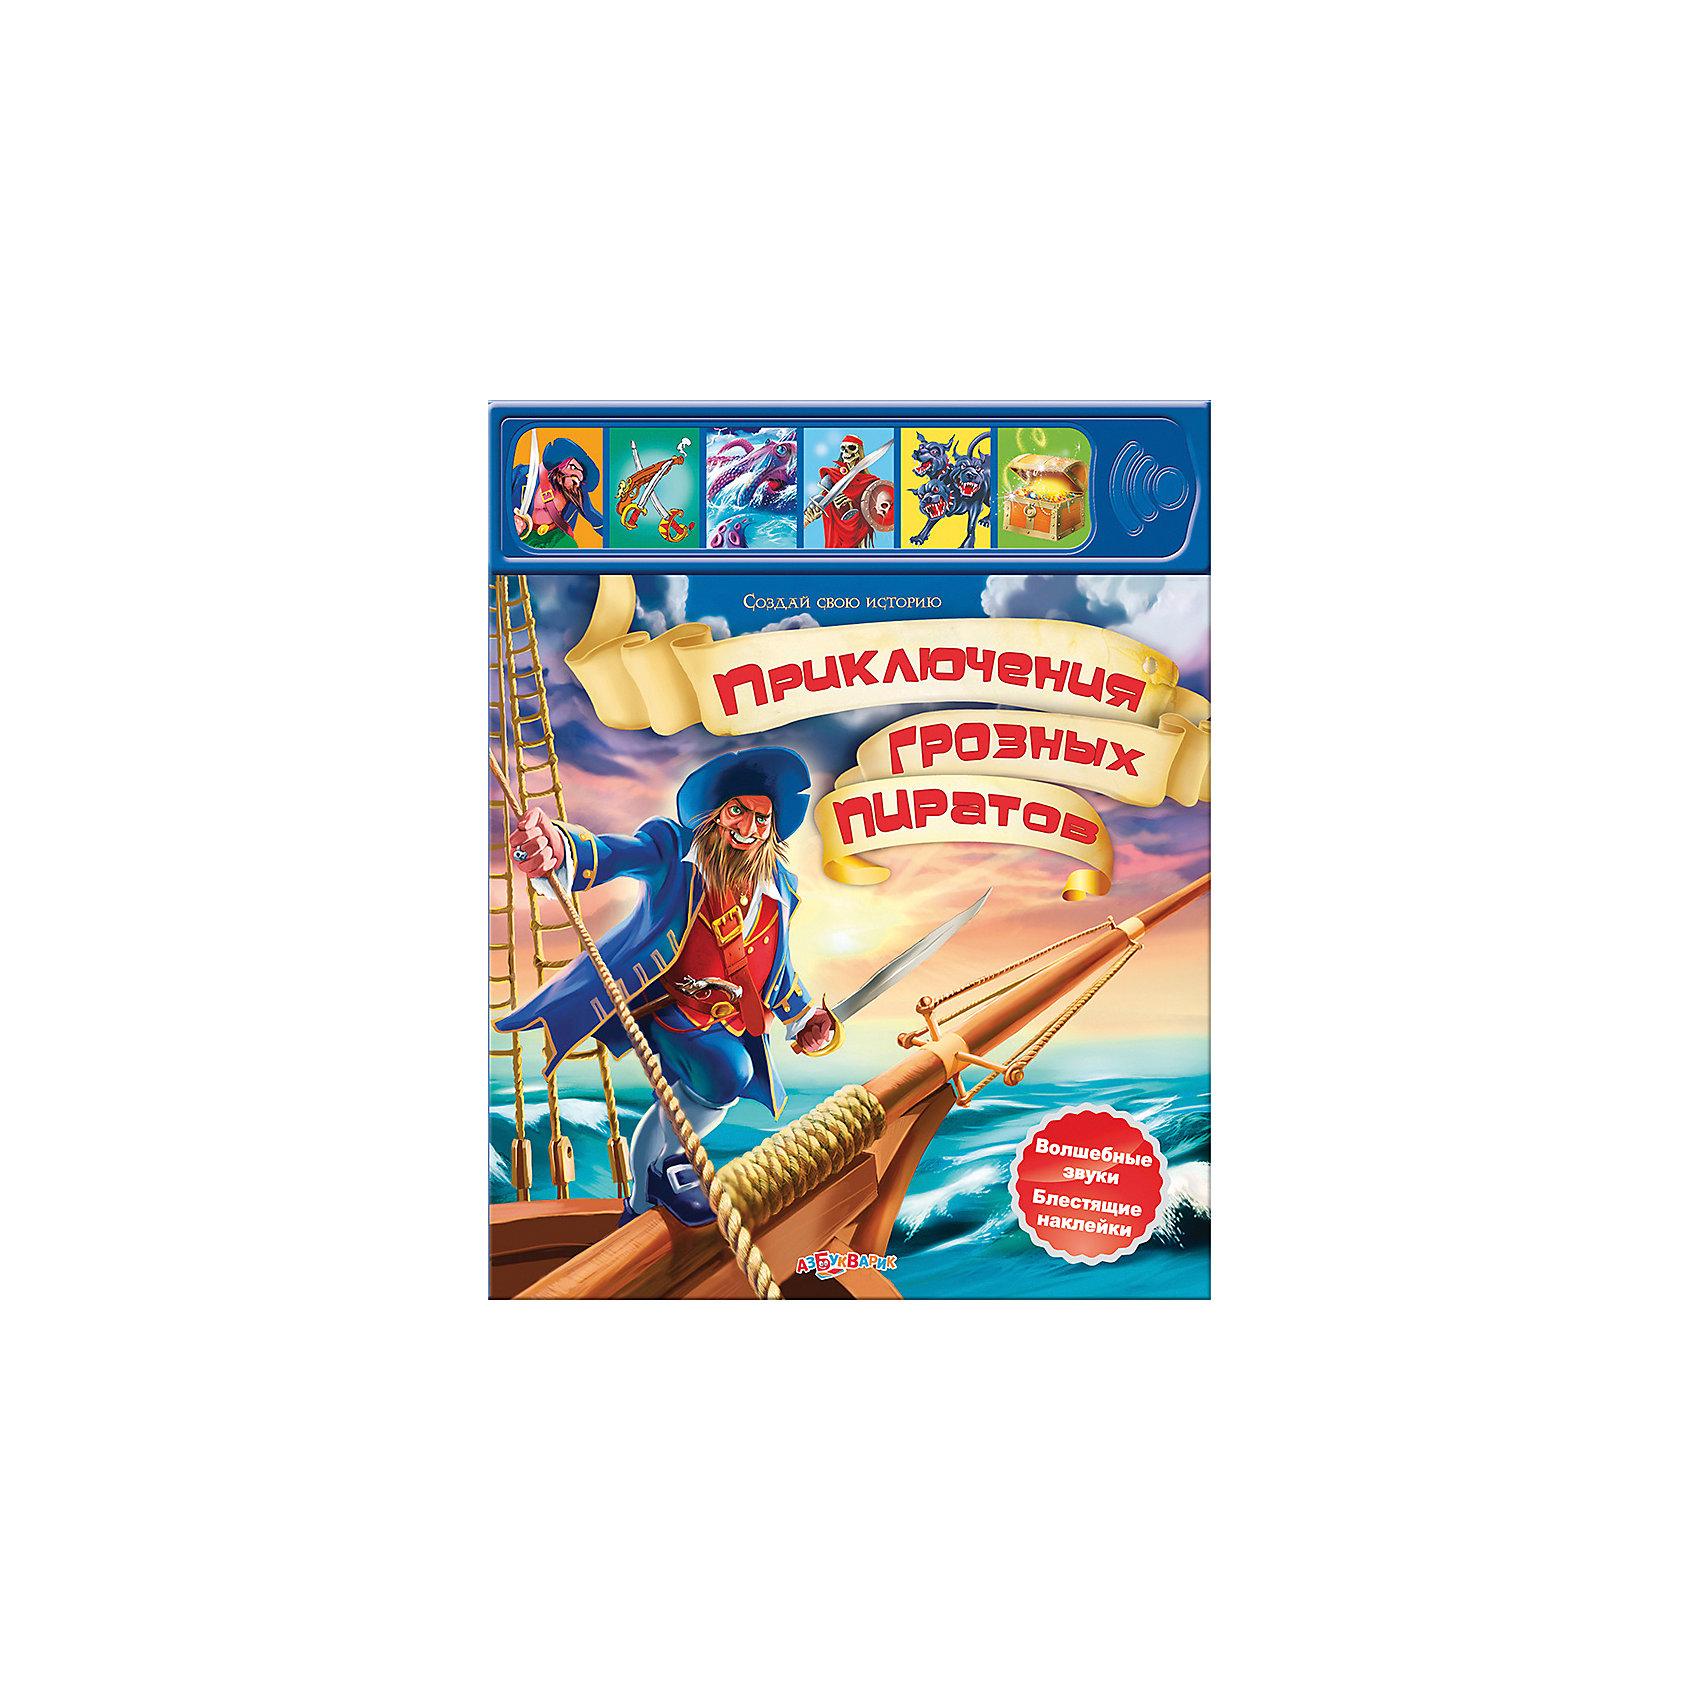 Приключения грозных пиратовМузыкальные книги<br>С этой книгой малыш отправится в увлекательное путешествие с настоящими пиратами! Он побывает на острове Мертвецов, встретит чудовищного осьминога Кракена, скелеты, трехголового пса и отыщет сокровища. В книге есть поле для игры с многоразовыми наклейками. Издание дополнено красочными иллюстрациями, имеет твердые картонные странички, которые удобно переворачивать даже самым юным читателям. <br><br>Дополнительная информация:<br>  <br>- Переплет: картон.<br>- Формат: 21х26 см.<br>- Количество страниц: 12<br>- Иллюстрации: цветные. <br>- Элемент питания: батарейки AG13/LR44 (в комплекте).<br><br>Книгу Приключения грозных пиратов можно купить в нашем магазине.<br><br>Ширина мм: 210<br>Глубина мм: 150<br>Высота мм: 20<br>Вес г: 450<br>Возраст от месяцев: 24<br>Возраст до месяцев: 60<br>Пол: Унисекс<br>Возраст: Детский<br>SKU: 4603696